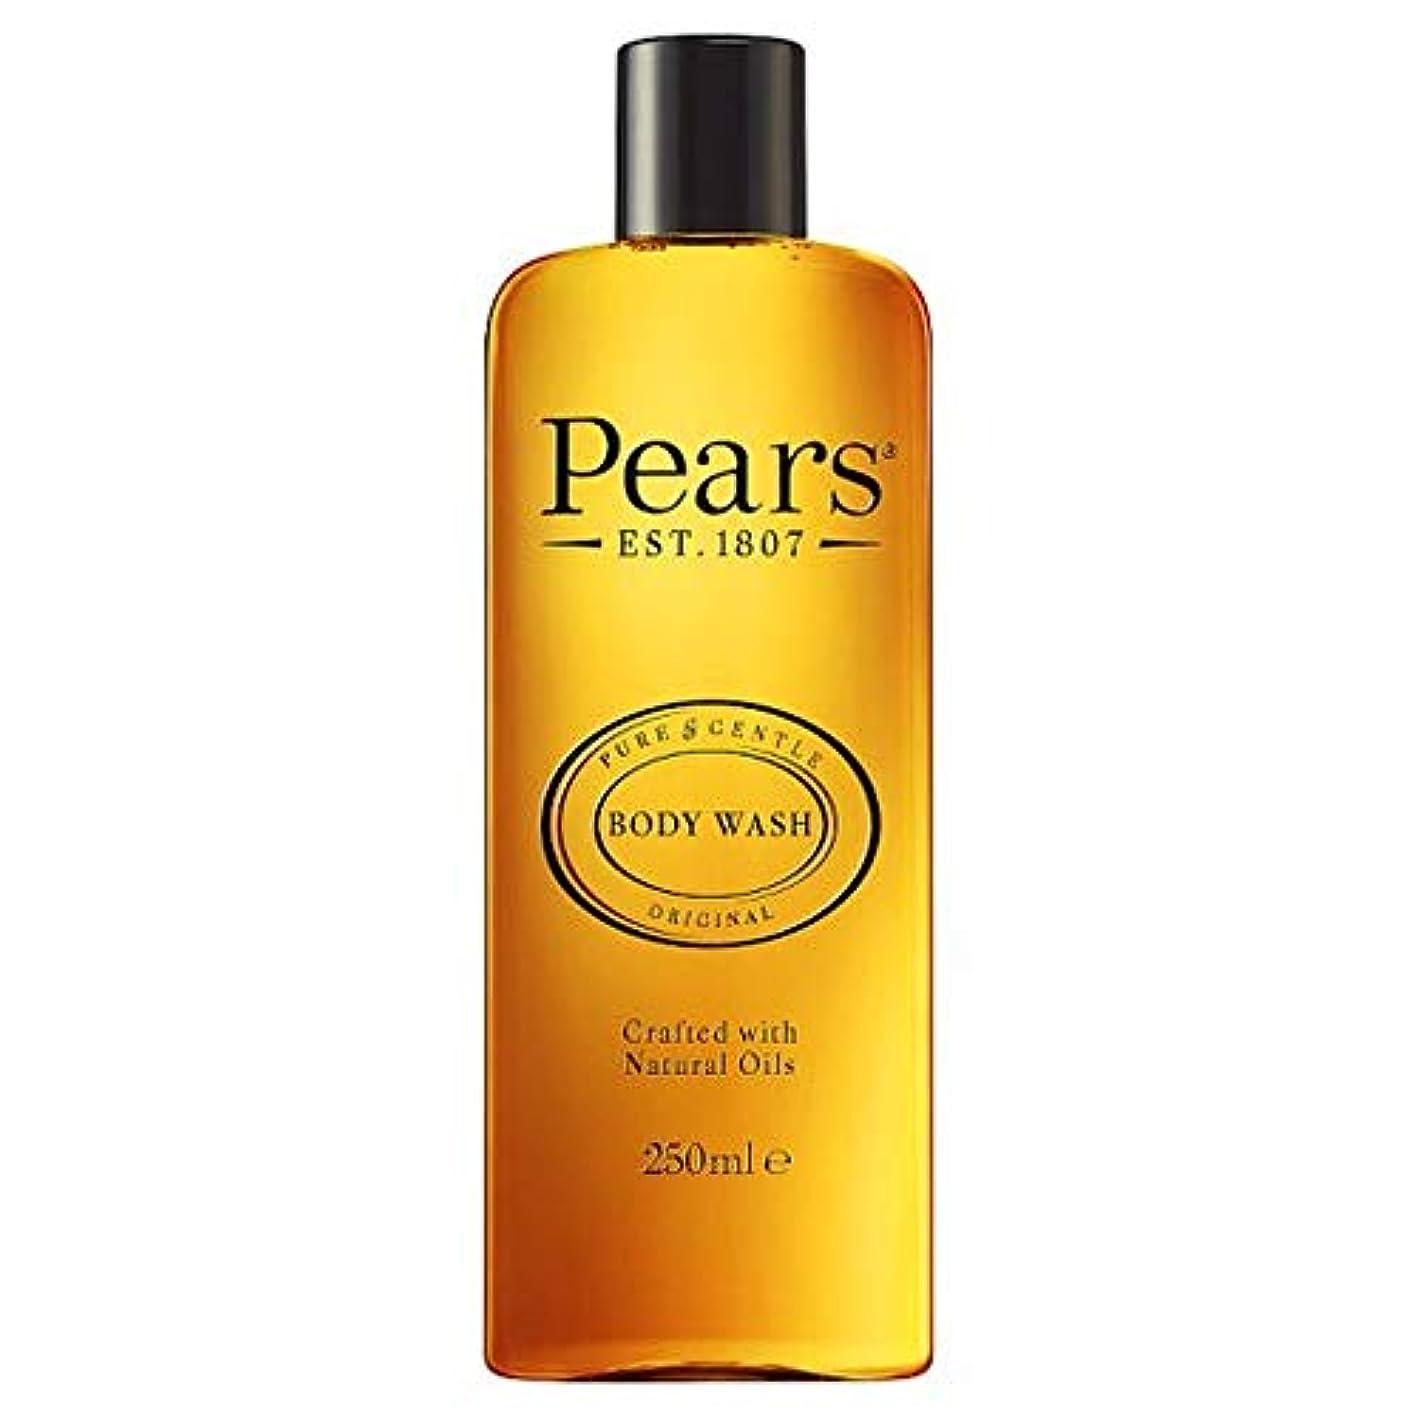 軍艦教育者まっすぐ[Pears] 梨シャワージェル250ミリリットル - Pears Shower Gel 250Ml [並行輸入品]